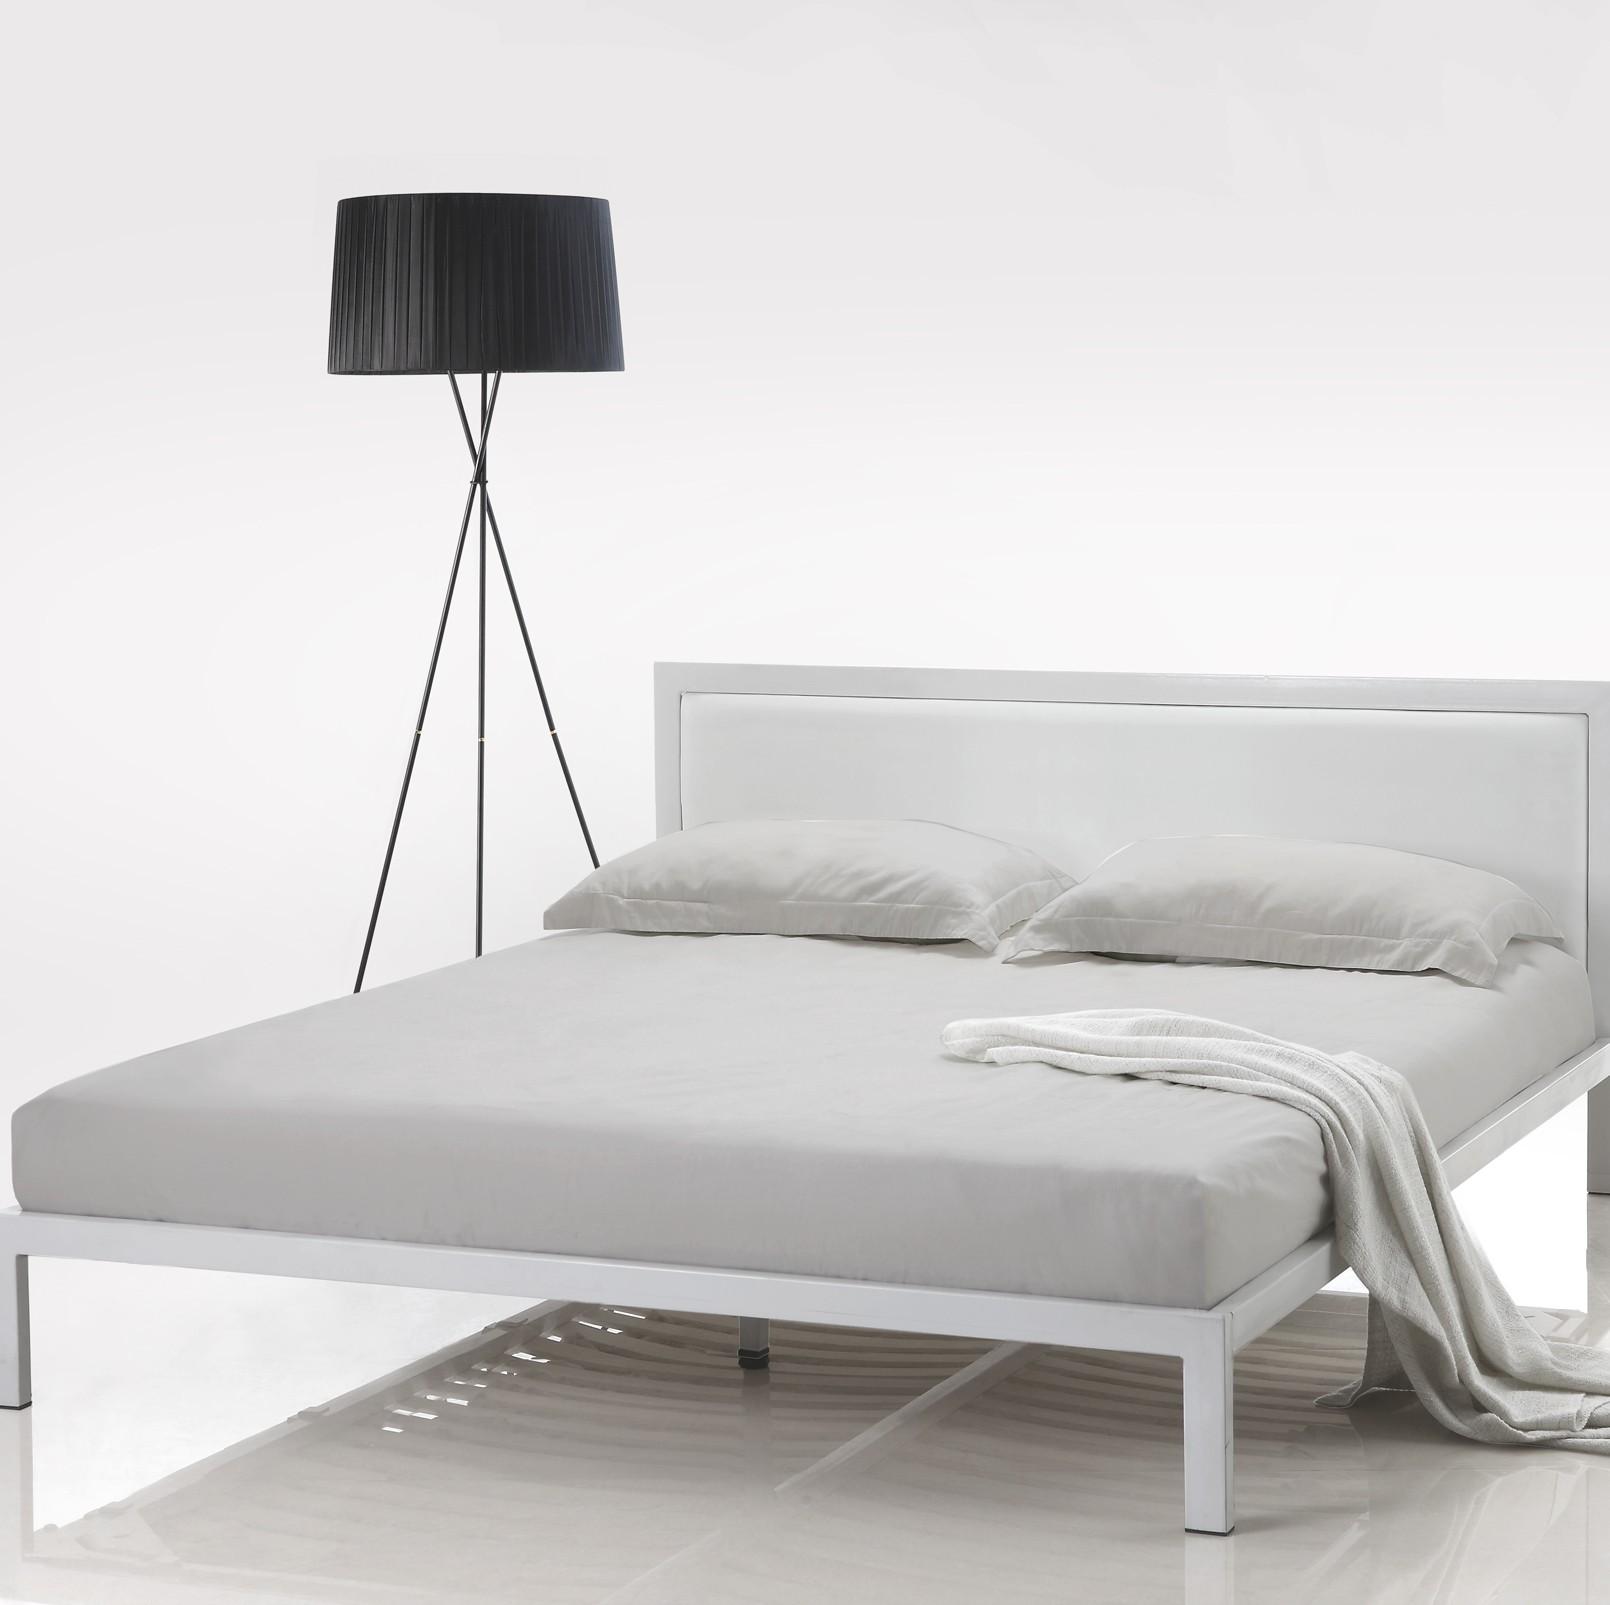 housse de couette zipp e oslo 240x220 cm housse de couette zipp e mawira. Black Bedroom Furniture Sets. Home Design Ideas